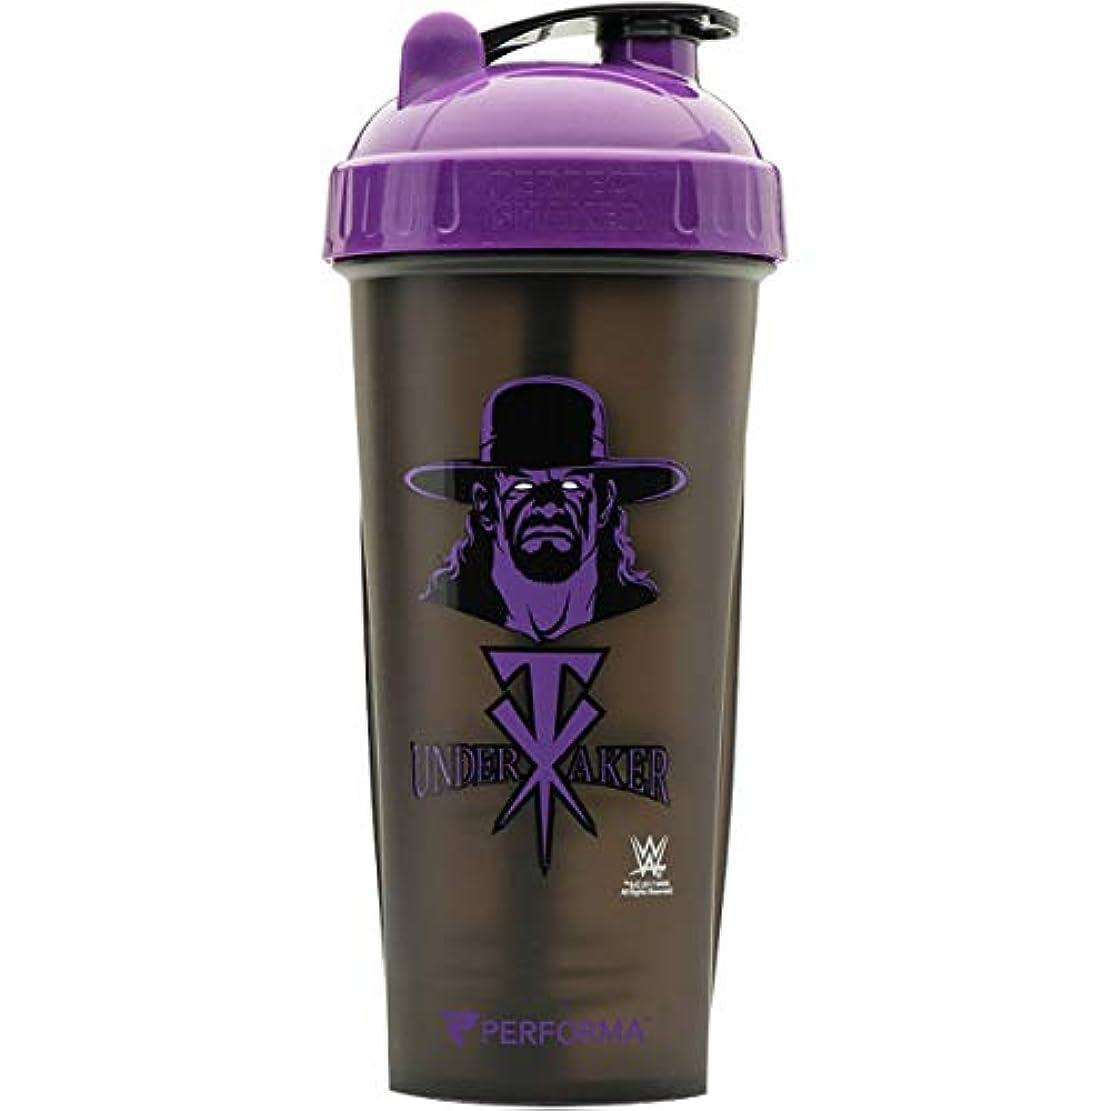 決めますサイレンなるBOT-2 ボトル シェイカー プロテイン 水筒 アンダーテイカ― 筋トレ ジム ブレンダ― ミキサー WWE WWF 800ml (BOT-2)